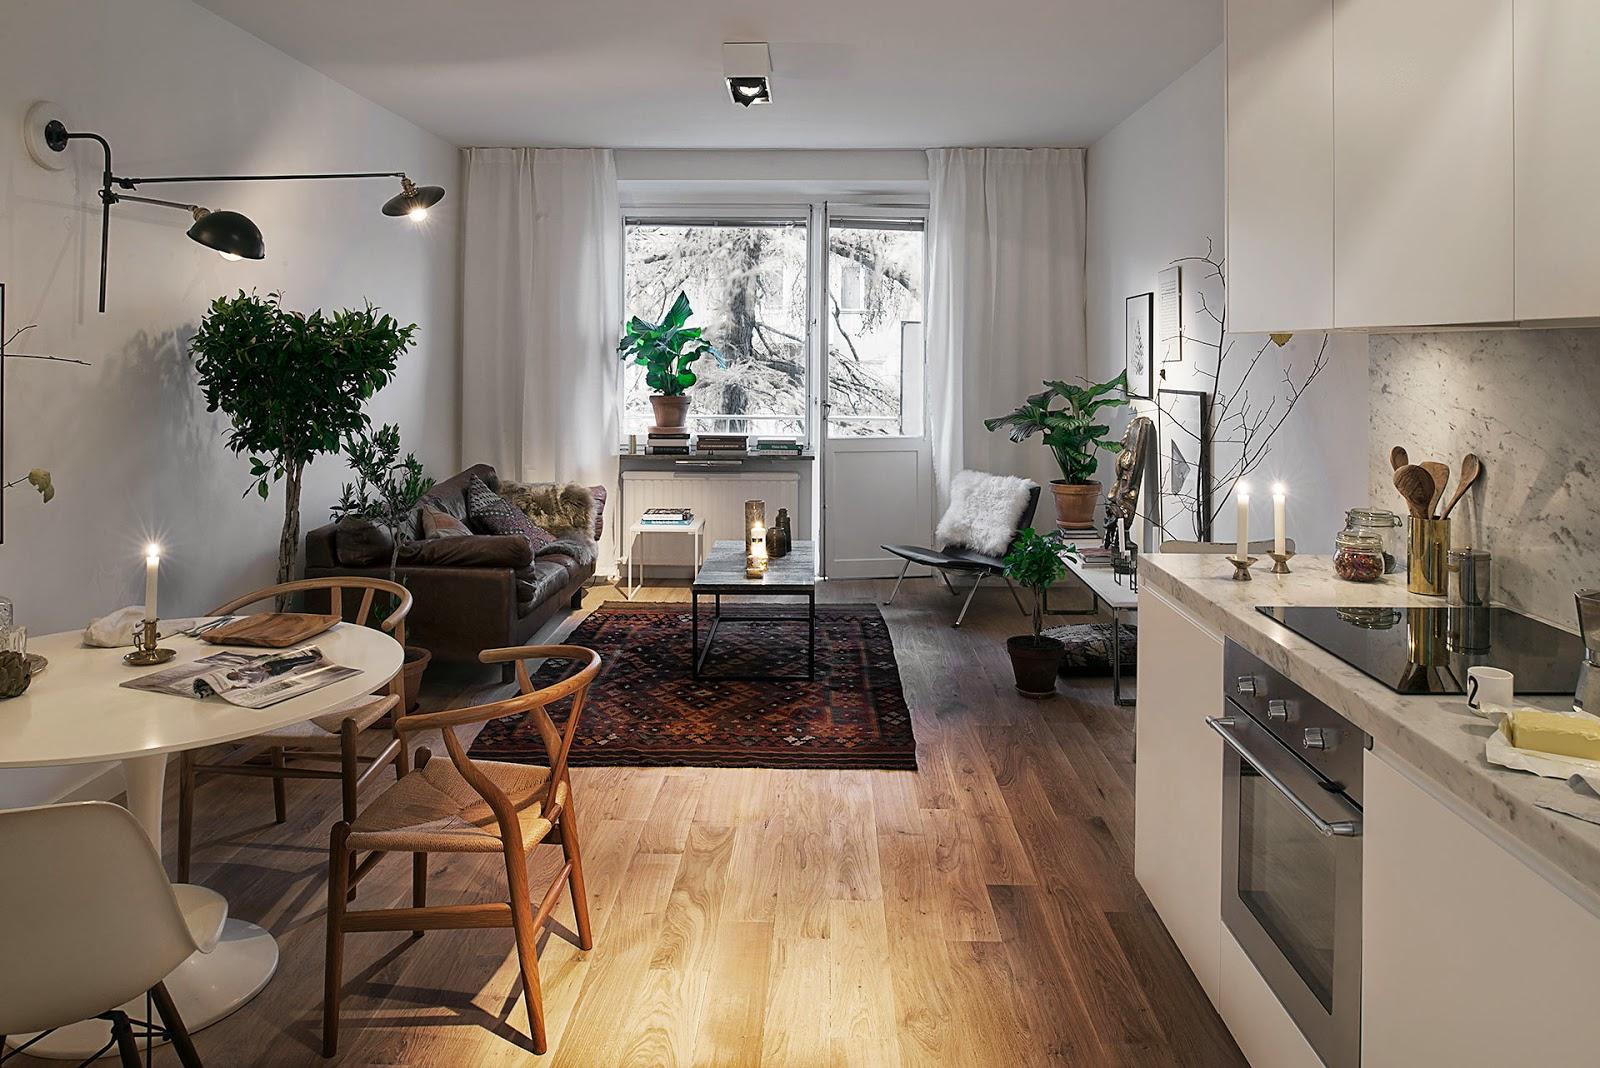 arredare case piccole: 40 mq di infinite possibilità! - Idee Arredamento Case Piccole